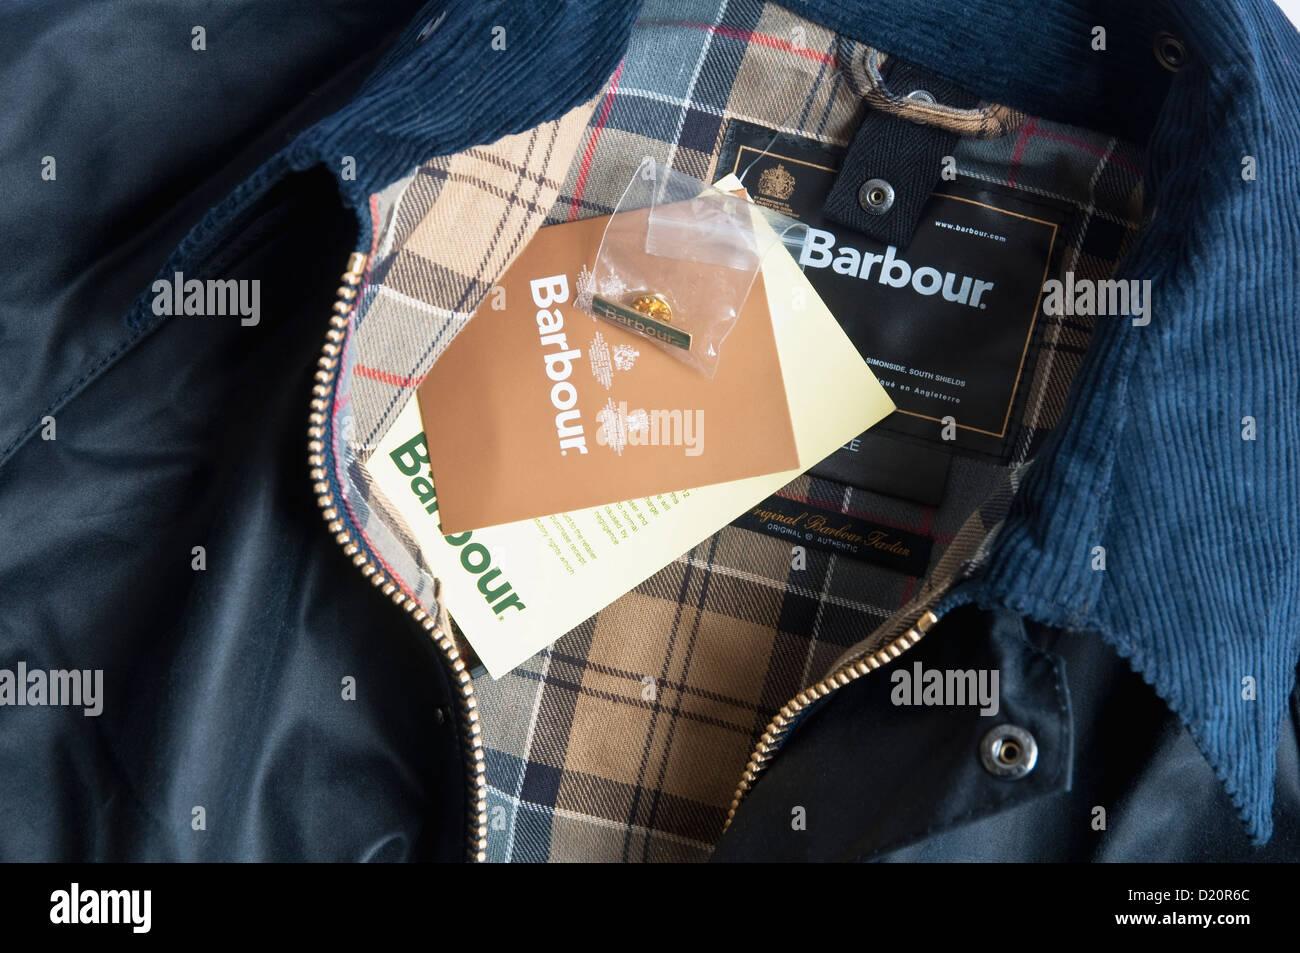 Barbour giacca   Cappotto - navy e nuovo con etichette e badge. Regno Unito  Immagini 8c16daa9068d